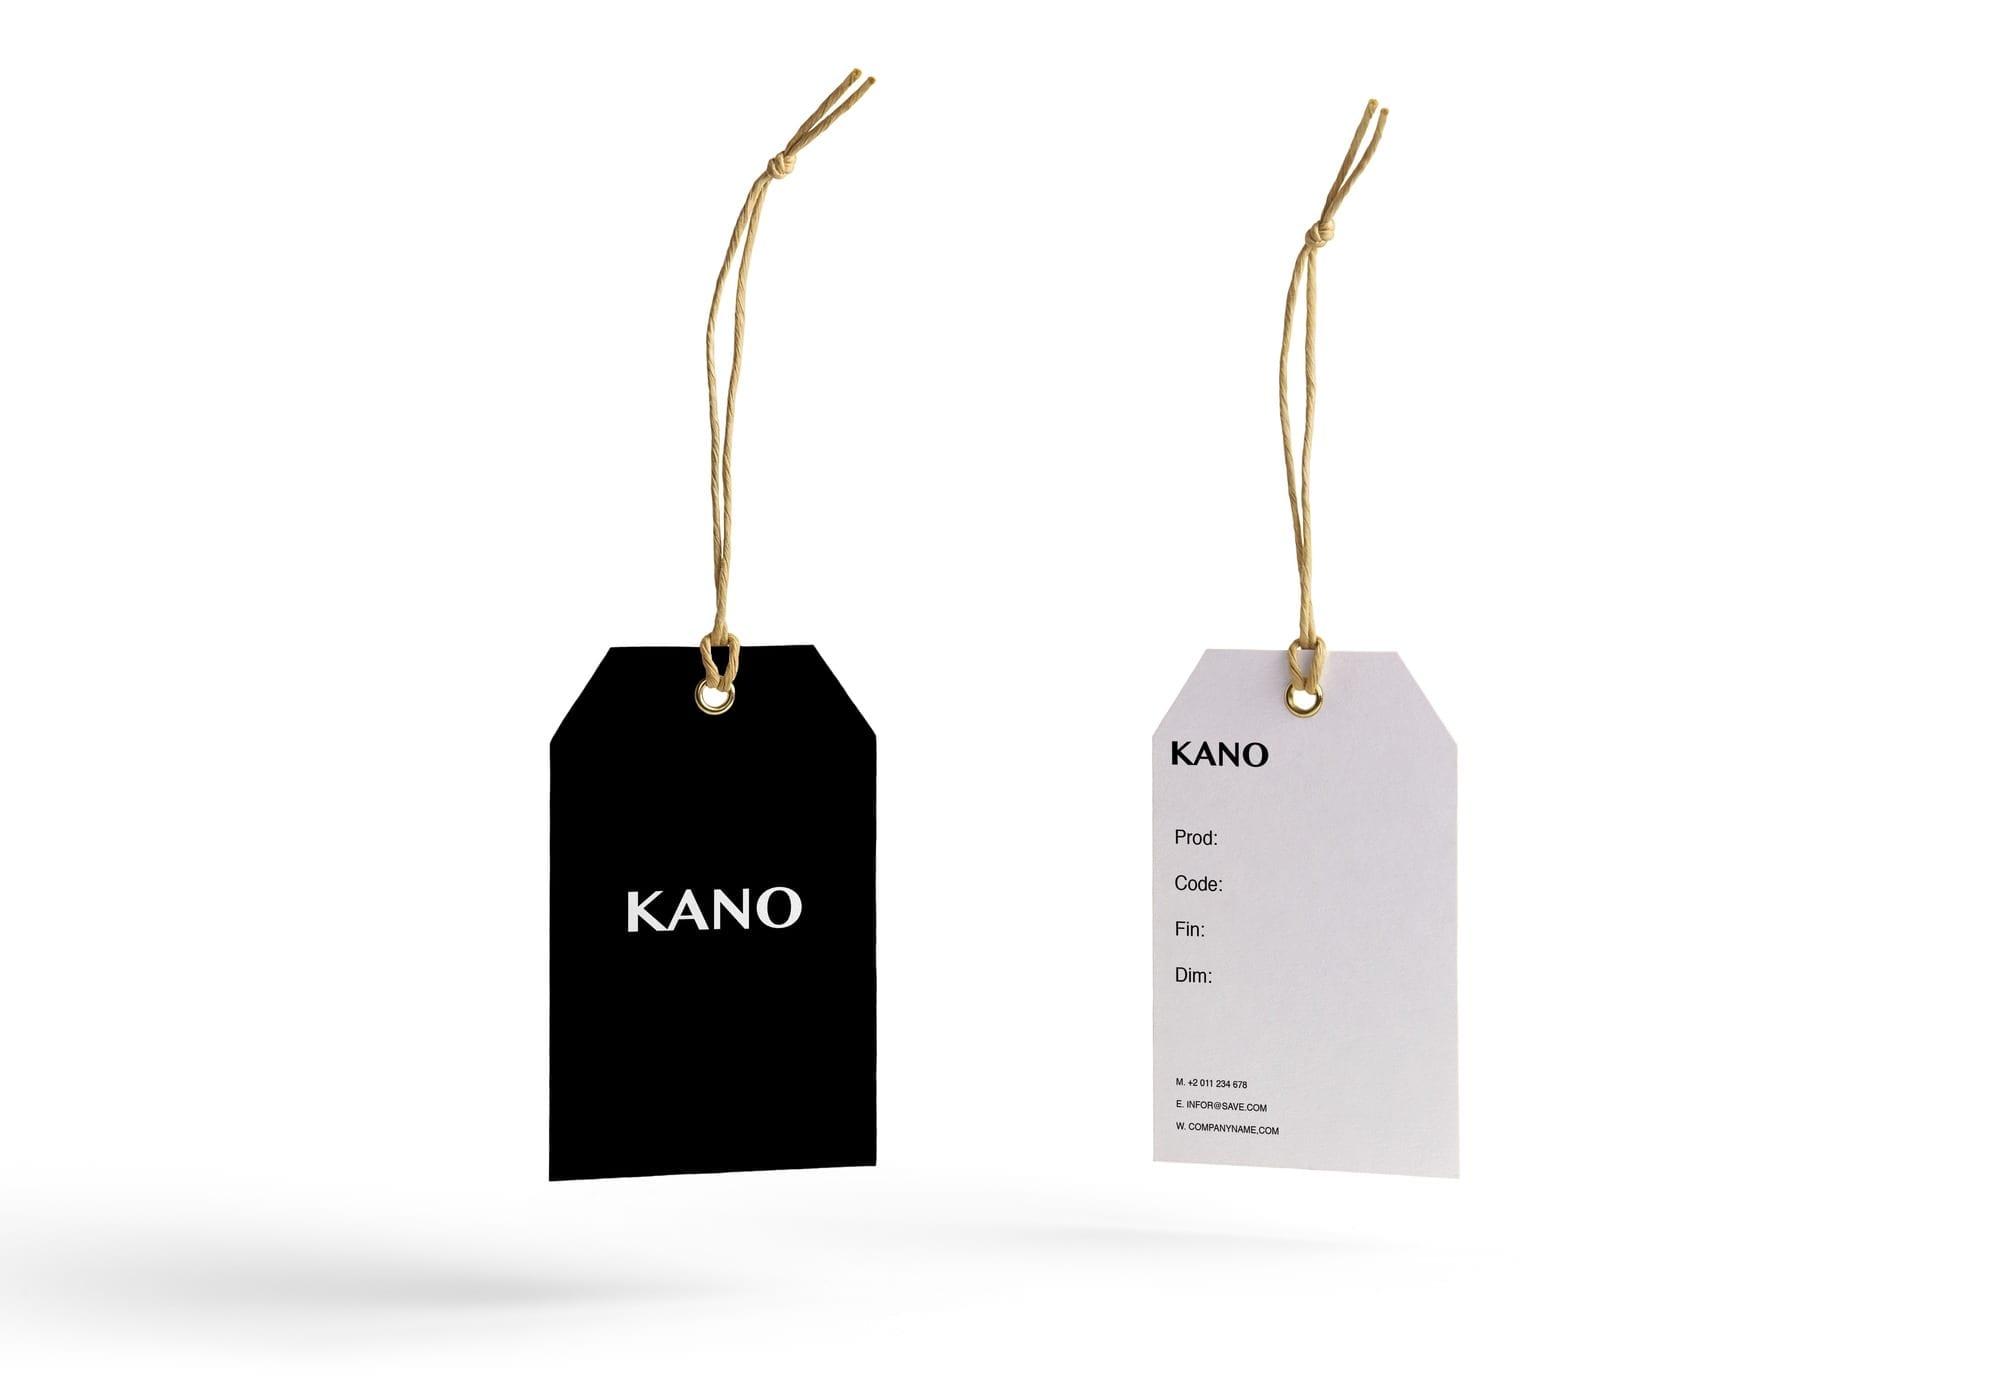 kano tags2